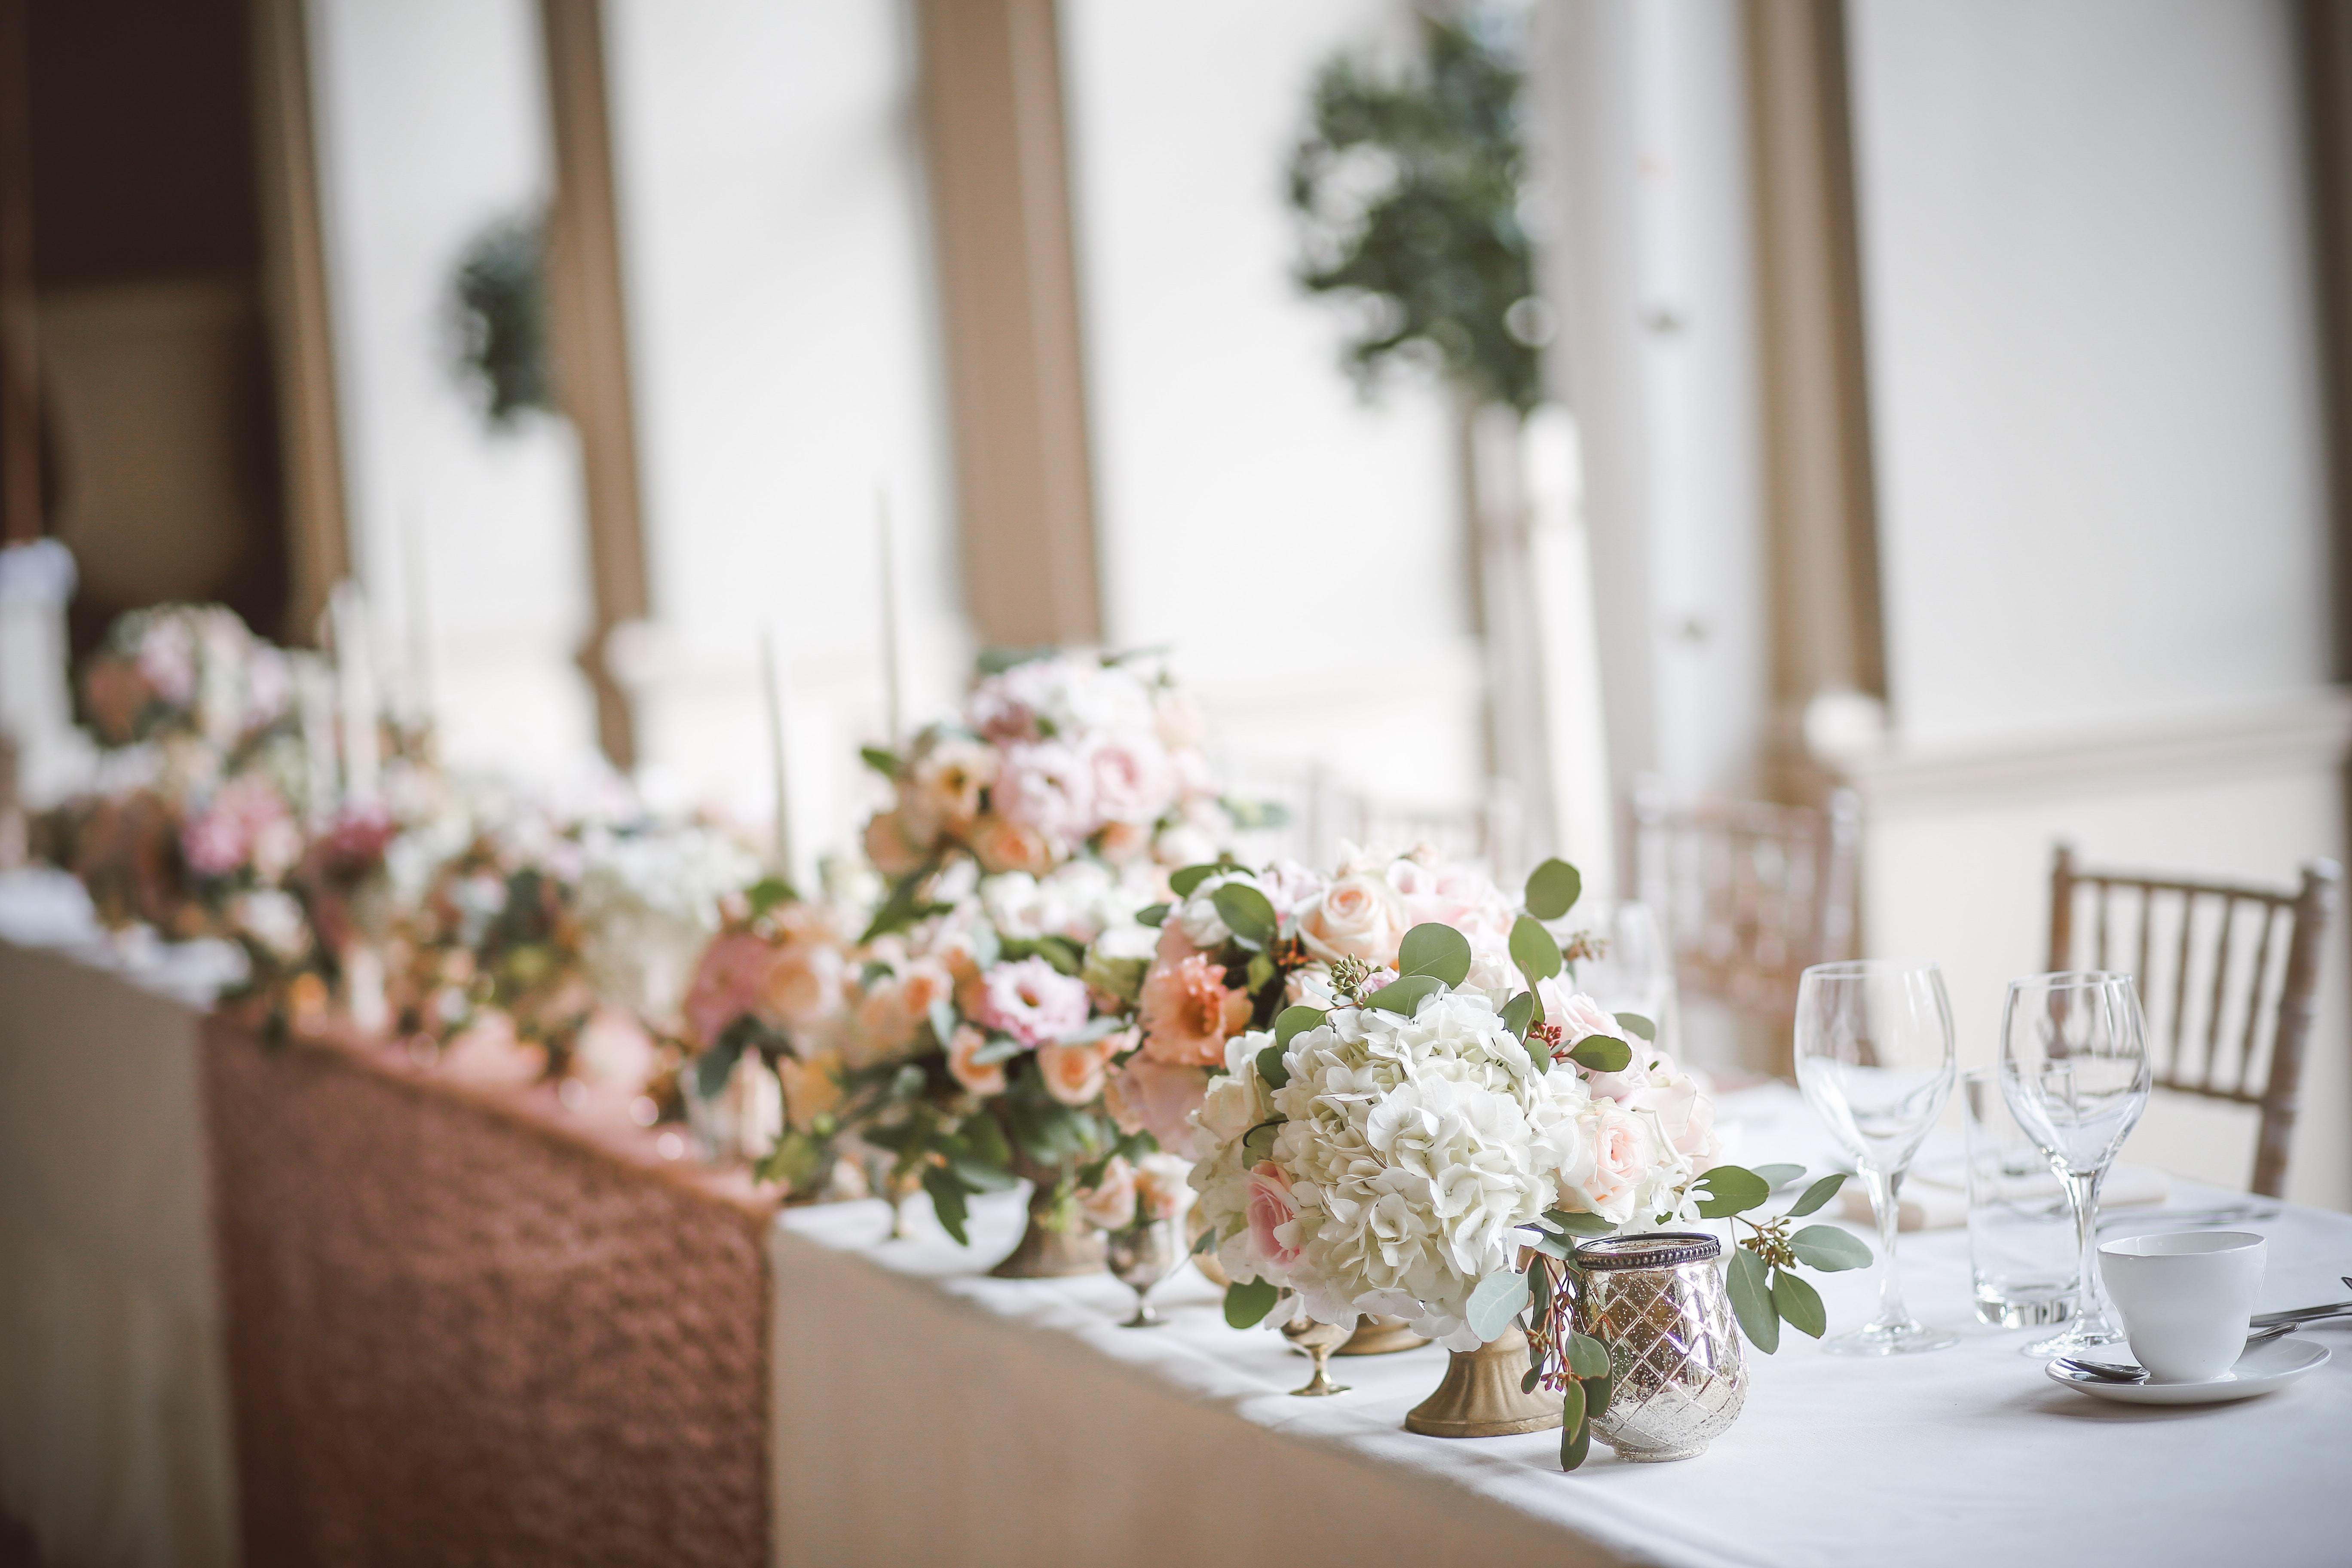 結婚が決まったあなたへ。結婚式場のイマドキの賢い探し方